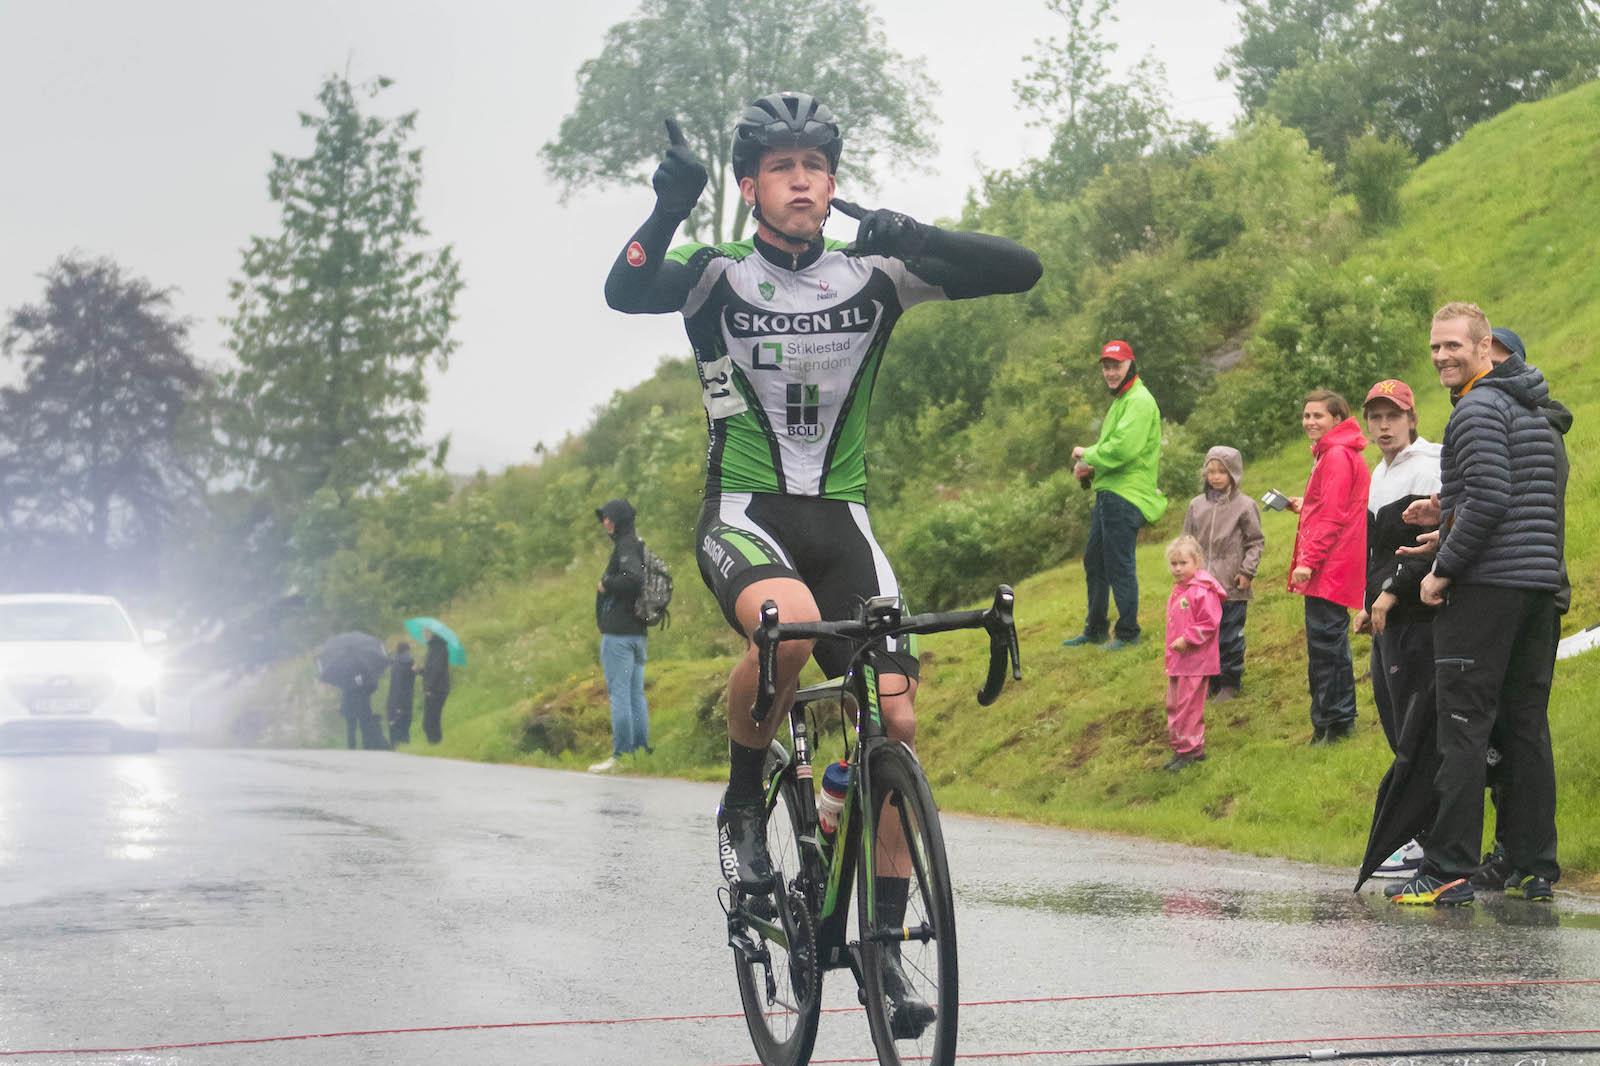 SOLOSEIER: Amund Solli fra Skogn IL vant fellesstarten i master-NM etter fire mil i brudd, den siste mila mutters alene. Foto: Cecilie Christensen